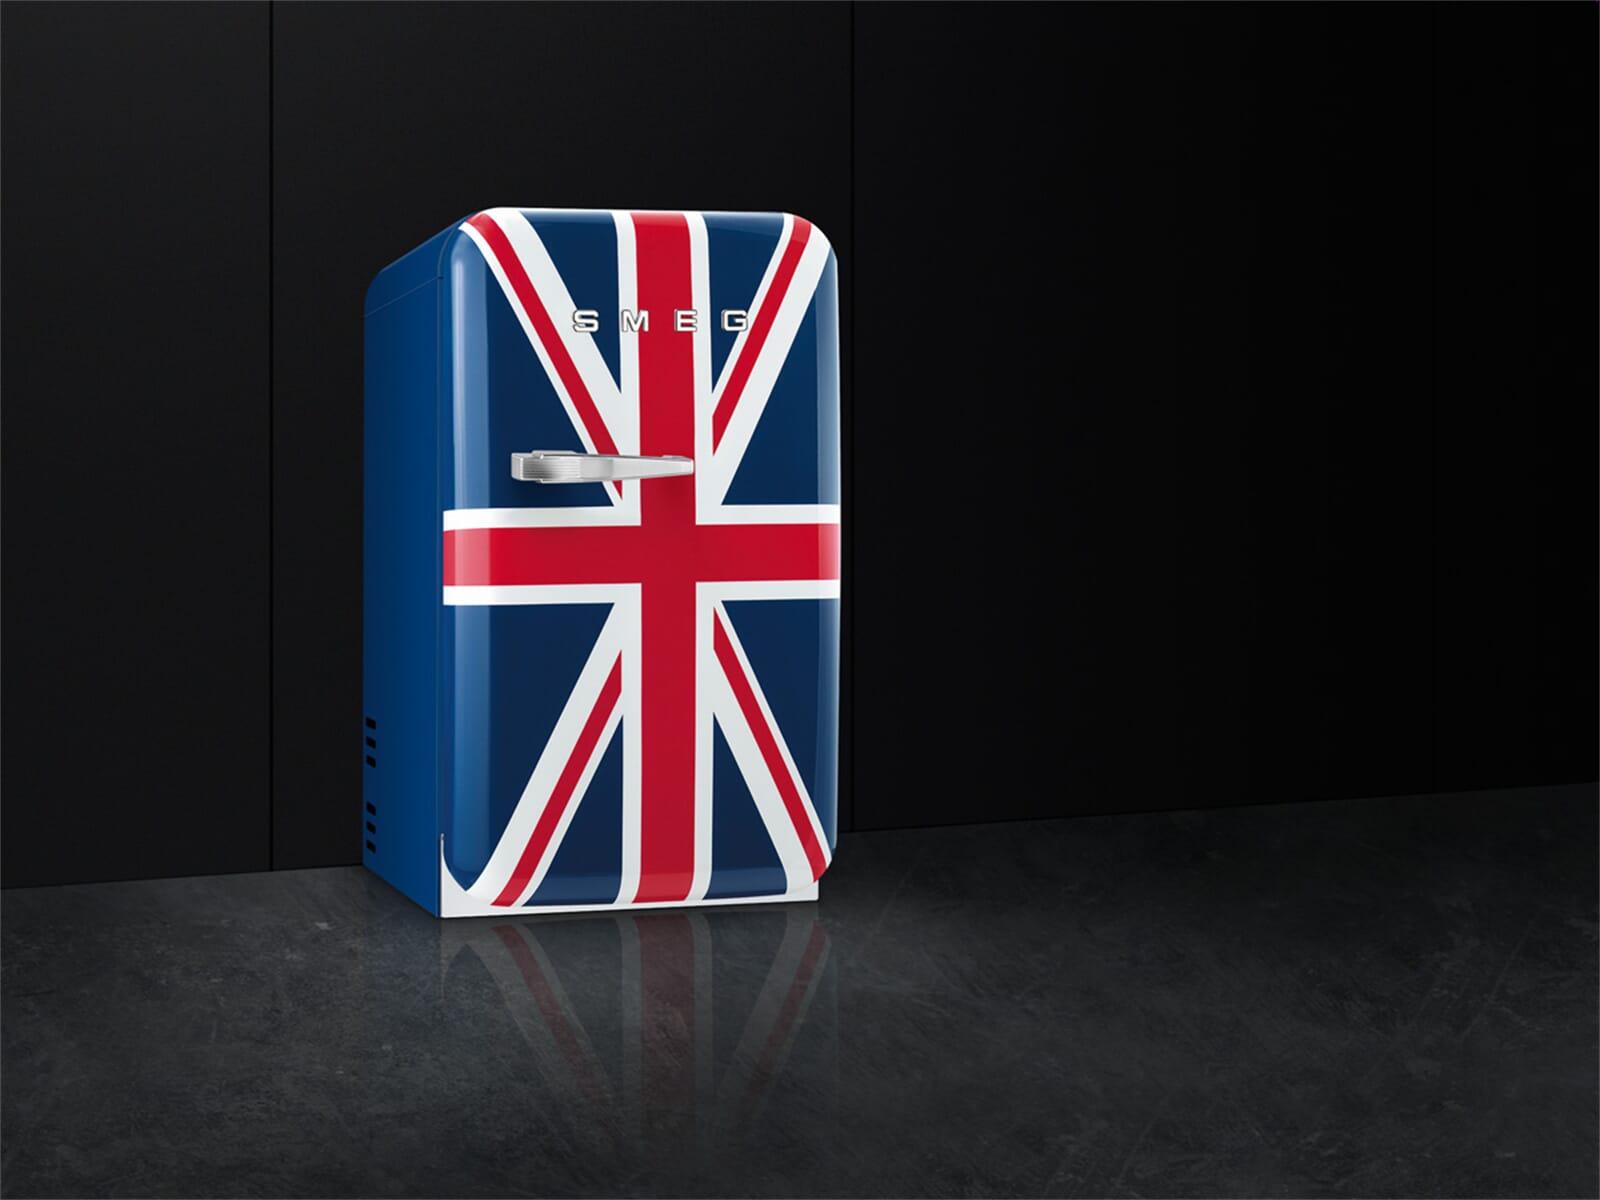 Mini Kühlschrank Union Jack : Smeg kühlschrank union jack der smeg kühlschrank eine designikone